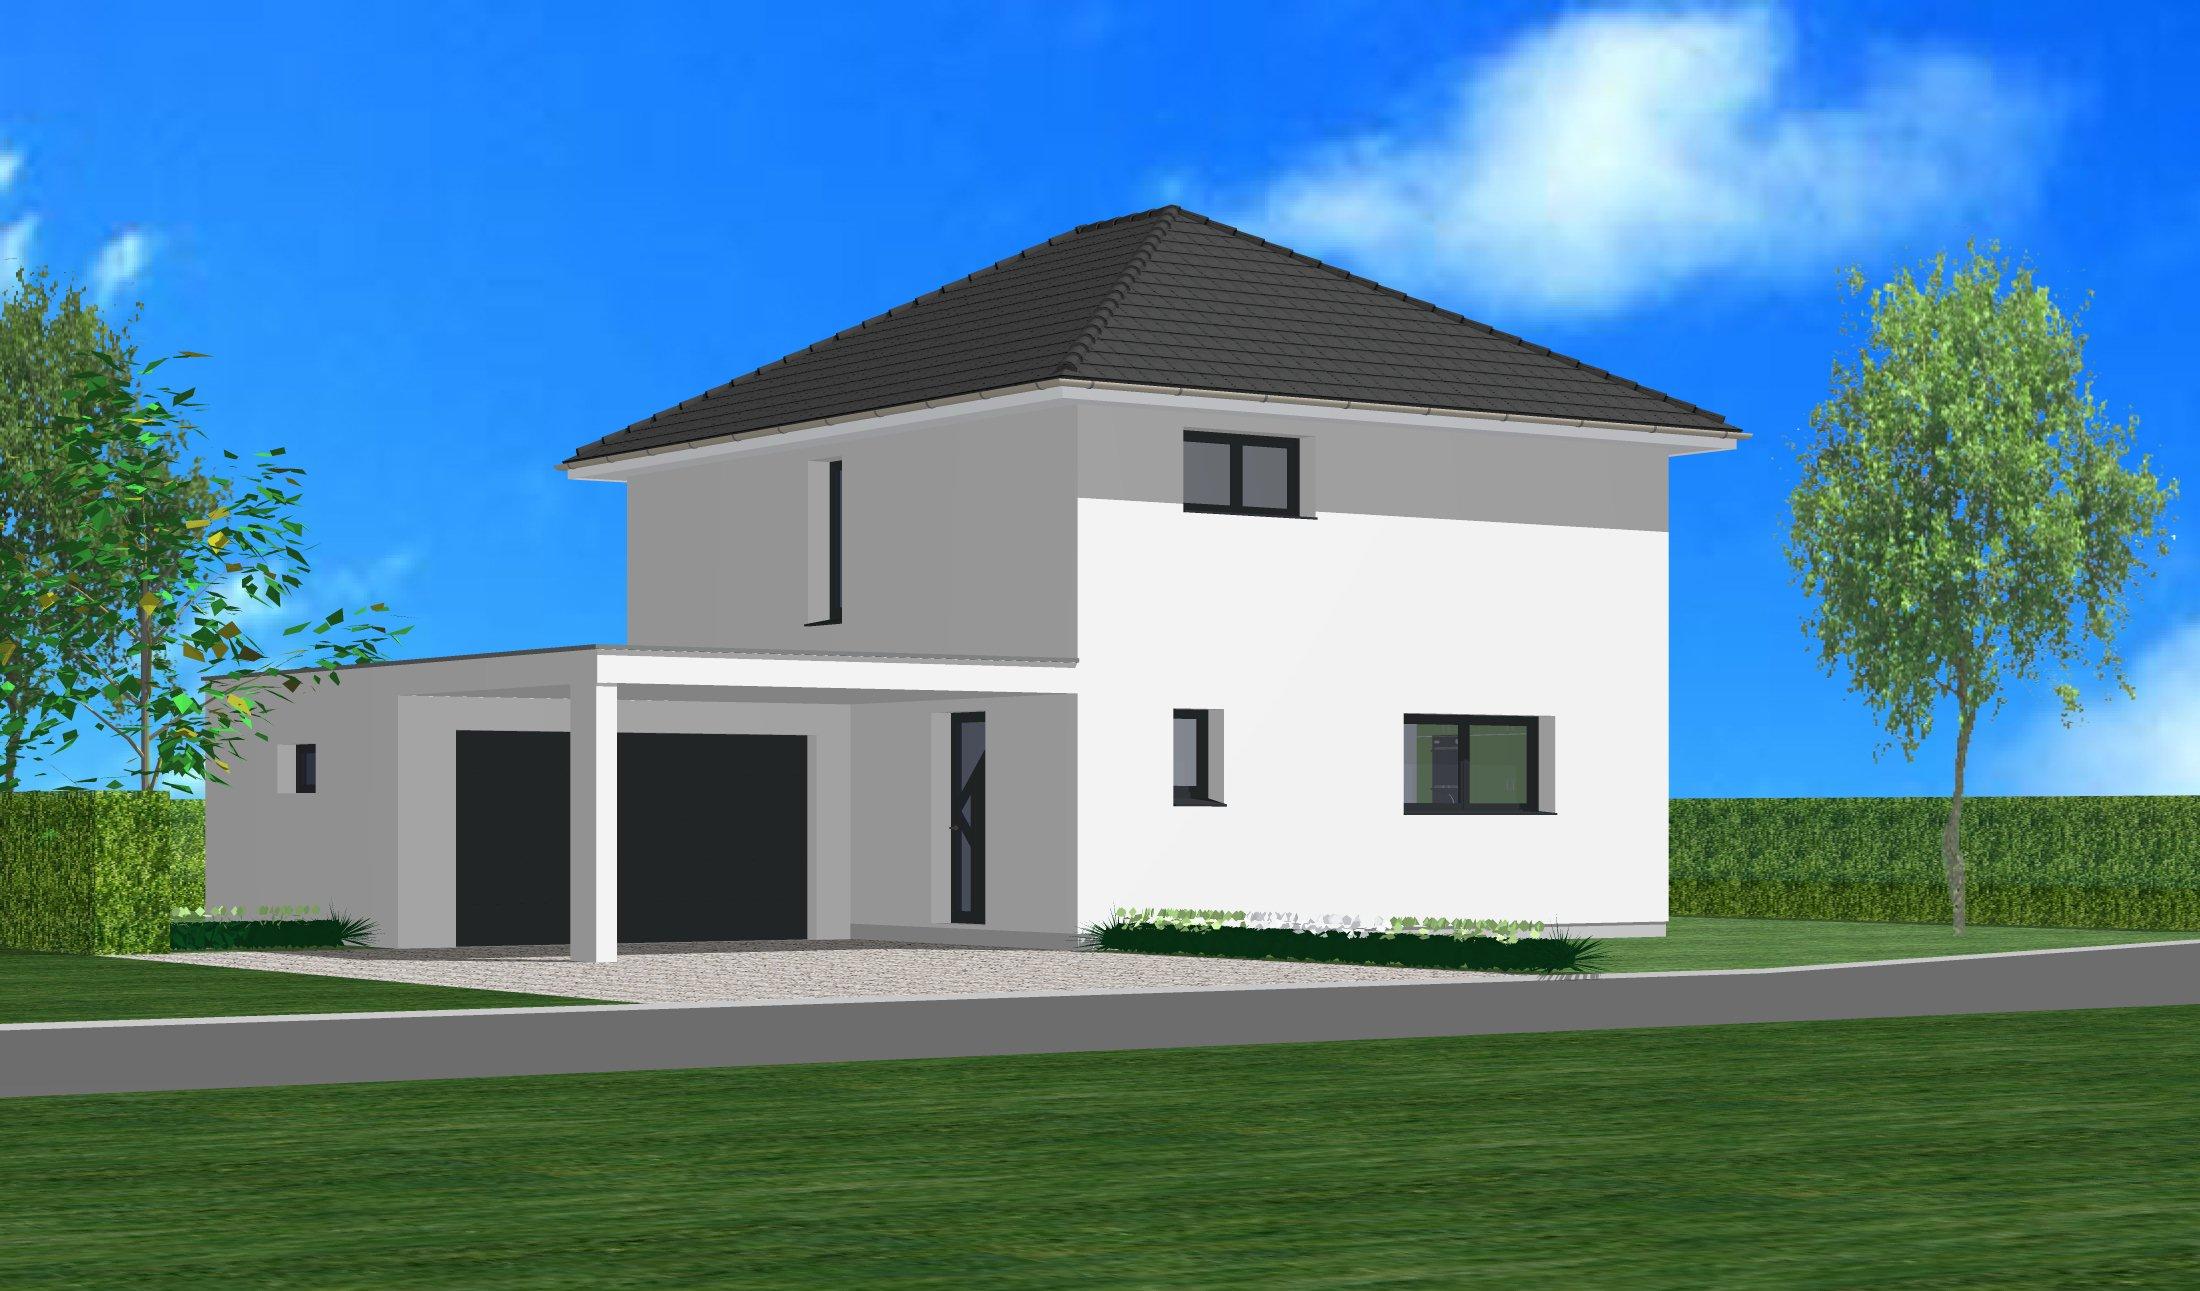 Maisons du constructeur CREAGES • 105 m² • KEMBS LOECHLE